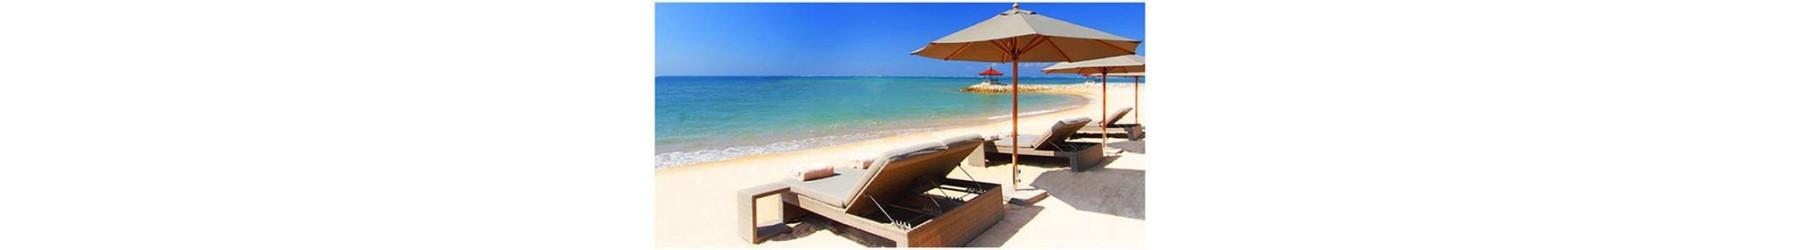 Ξαπλώστρες πισίνας - παραλίας. Αλουμινίου, ξύλινες, Rattan, Pvc, κ.α.